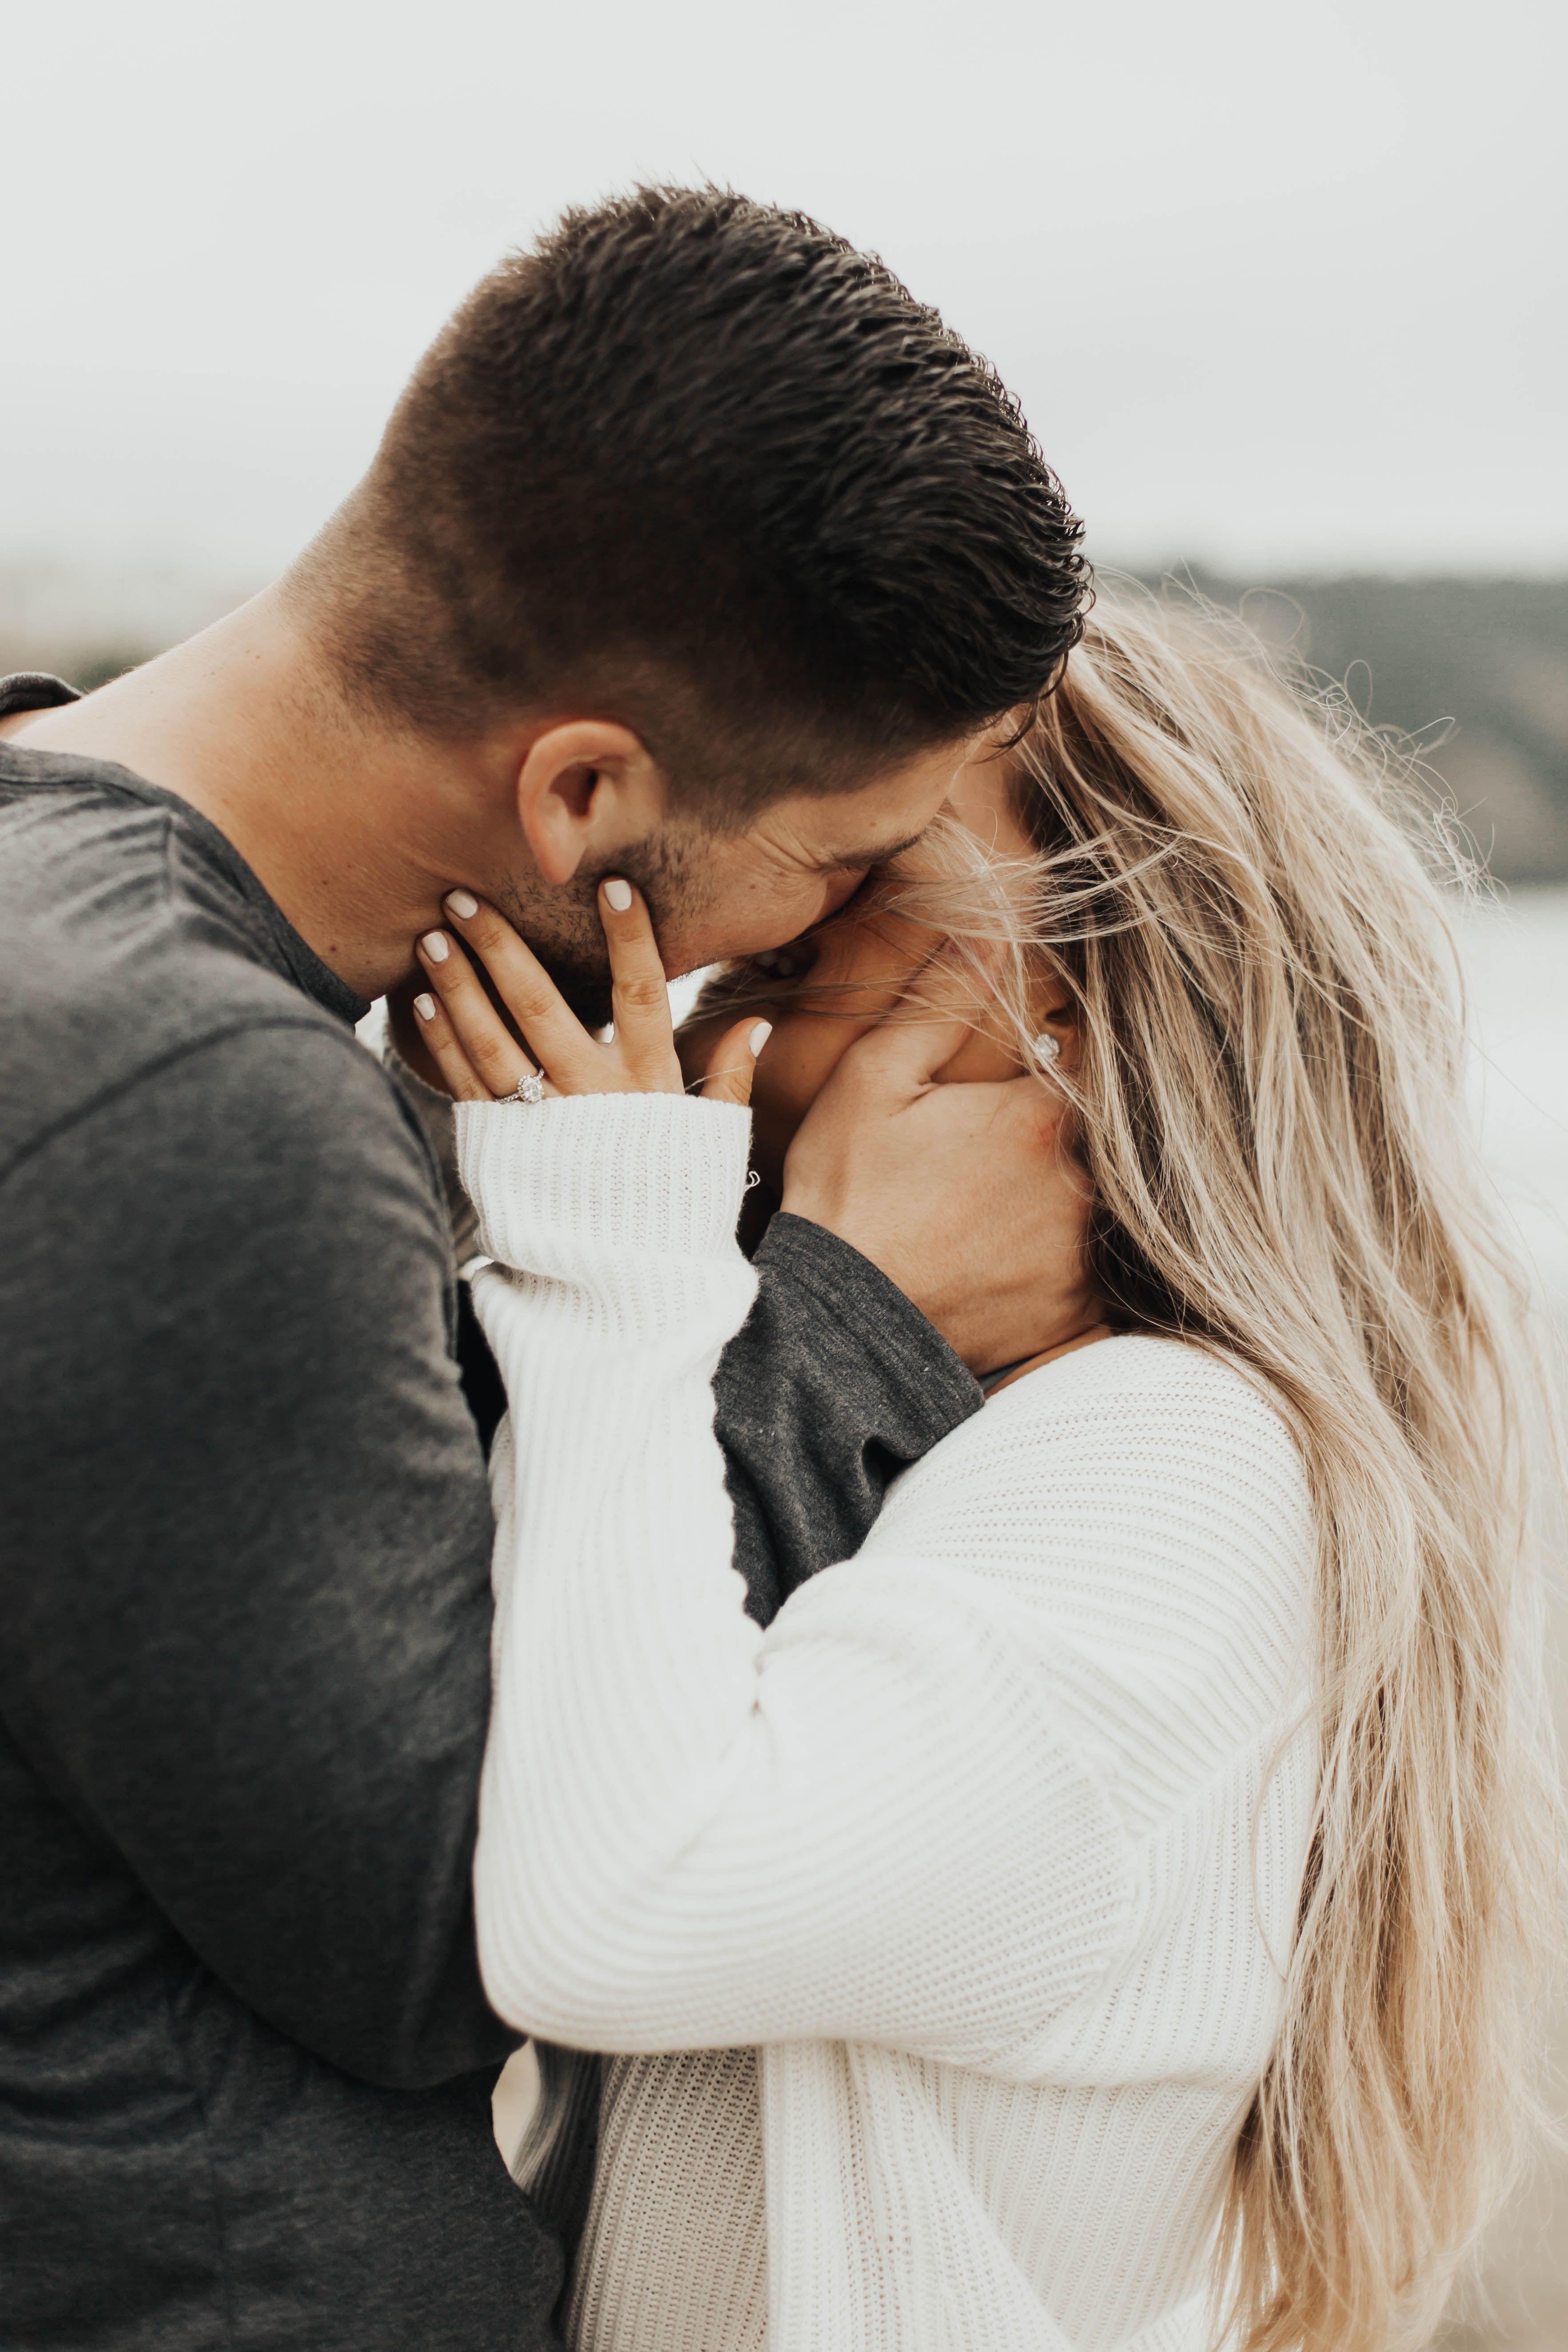 online dating Fotos San Francisco Duitsland gratis dating site